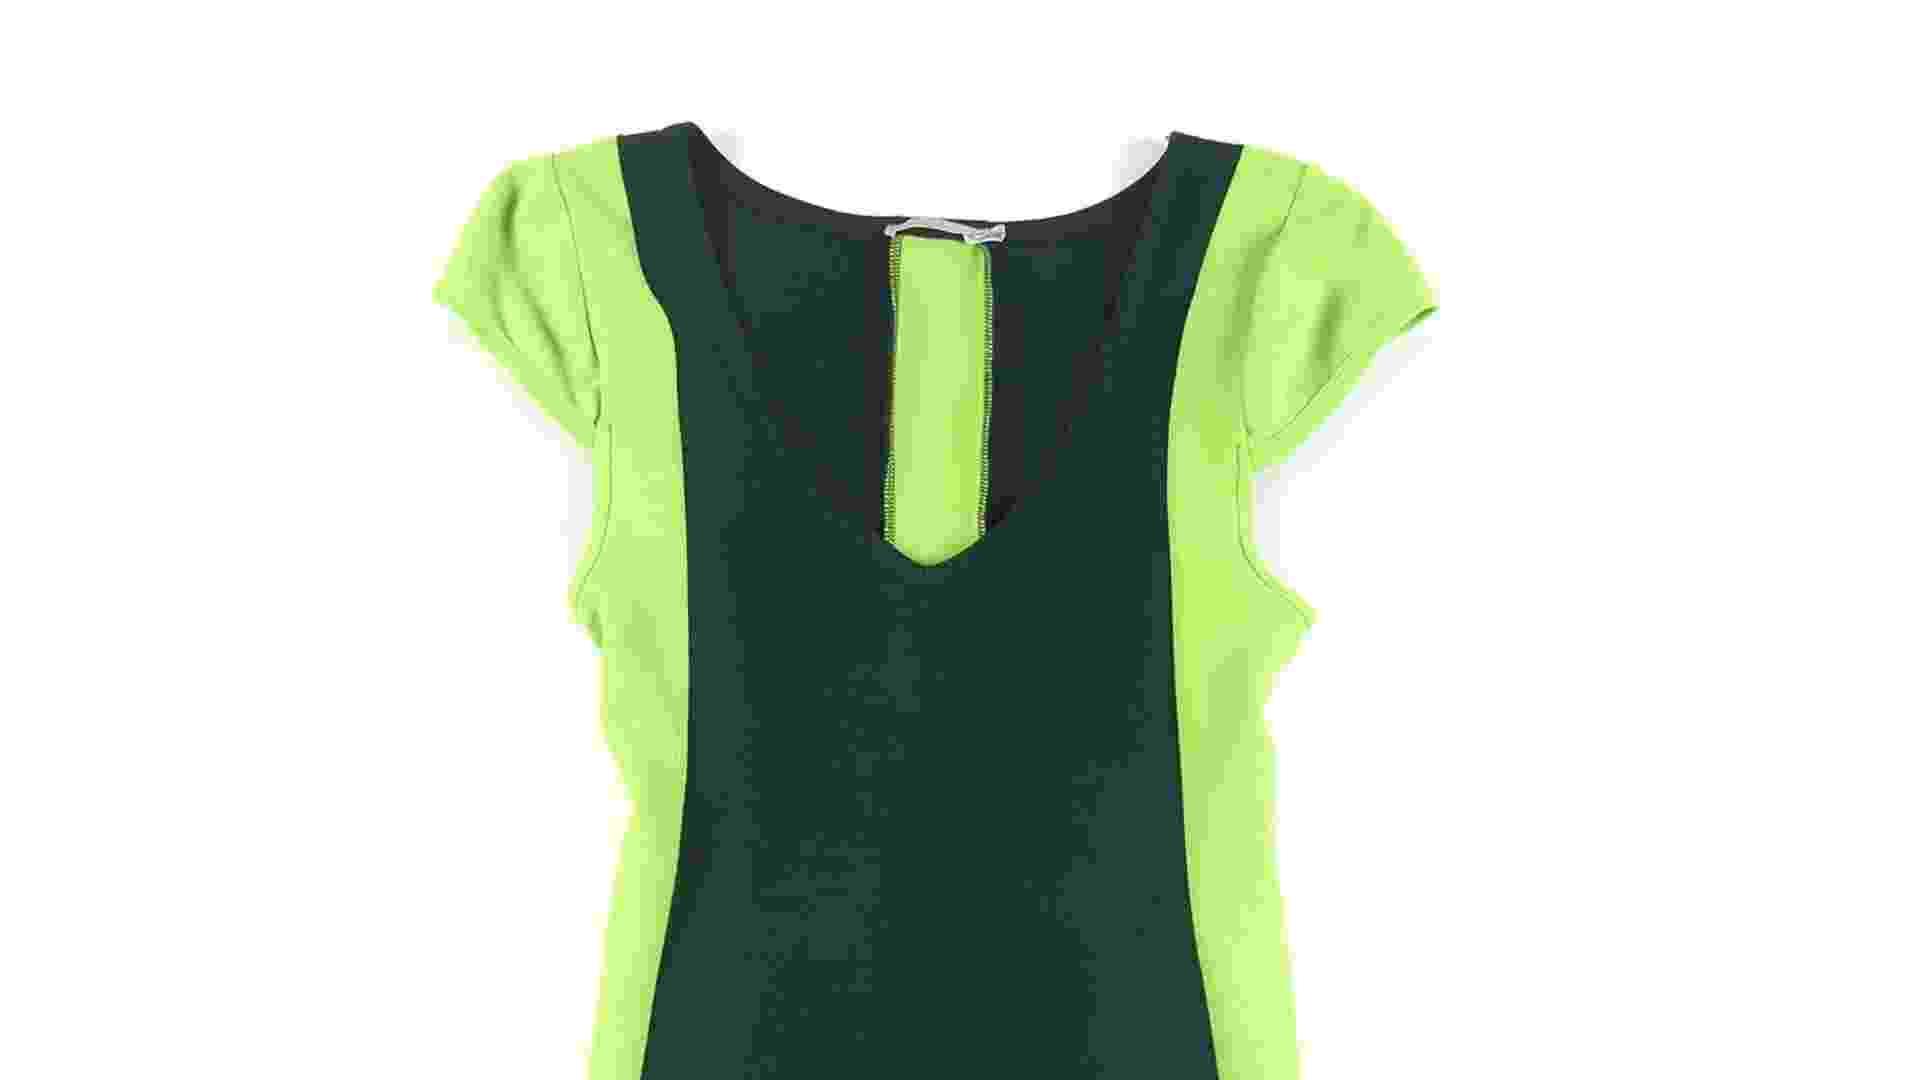 Vestido preto com contornos verde neon; R$ 149, na Agatha (www.agatha.com.br). Preço pesquisado em janeiro de 2013 e sujeito a alterações - Divulgação